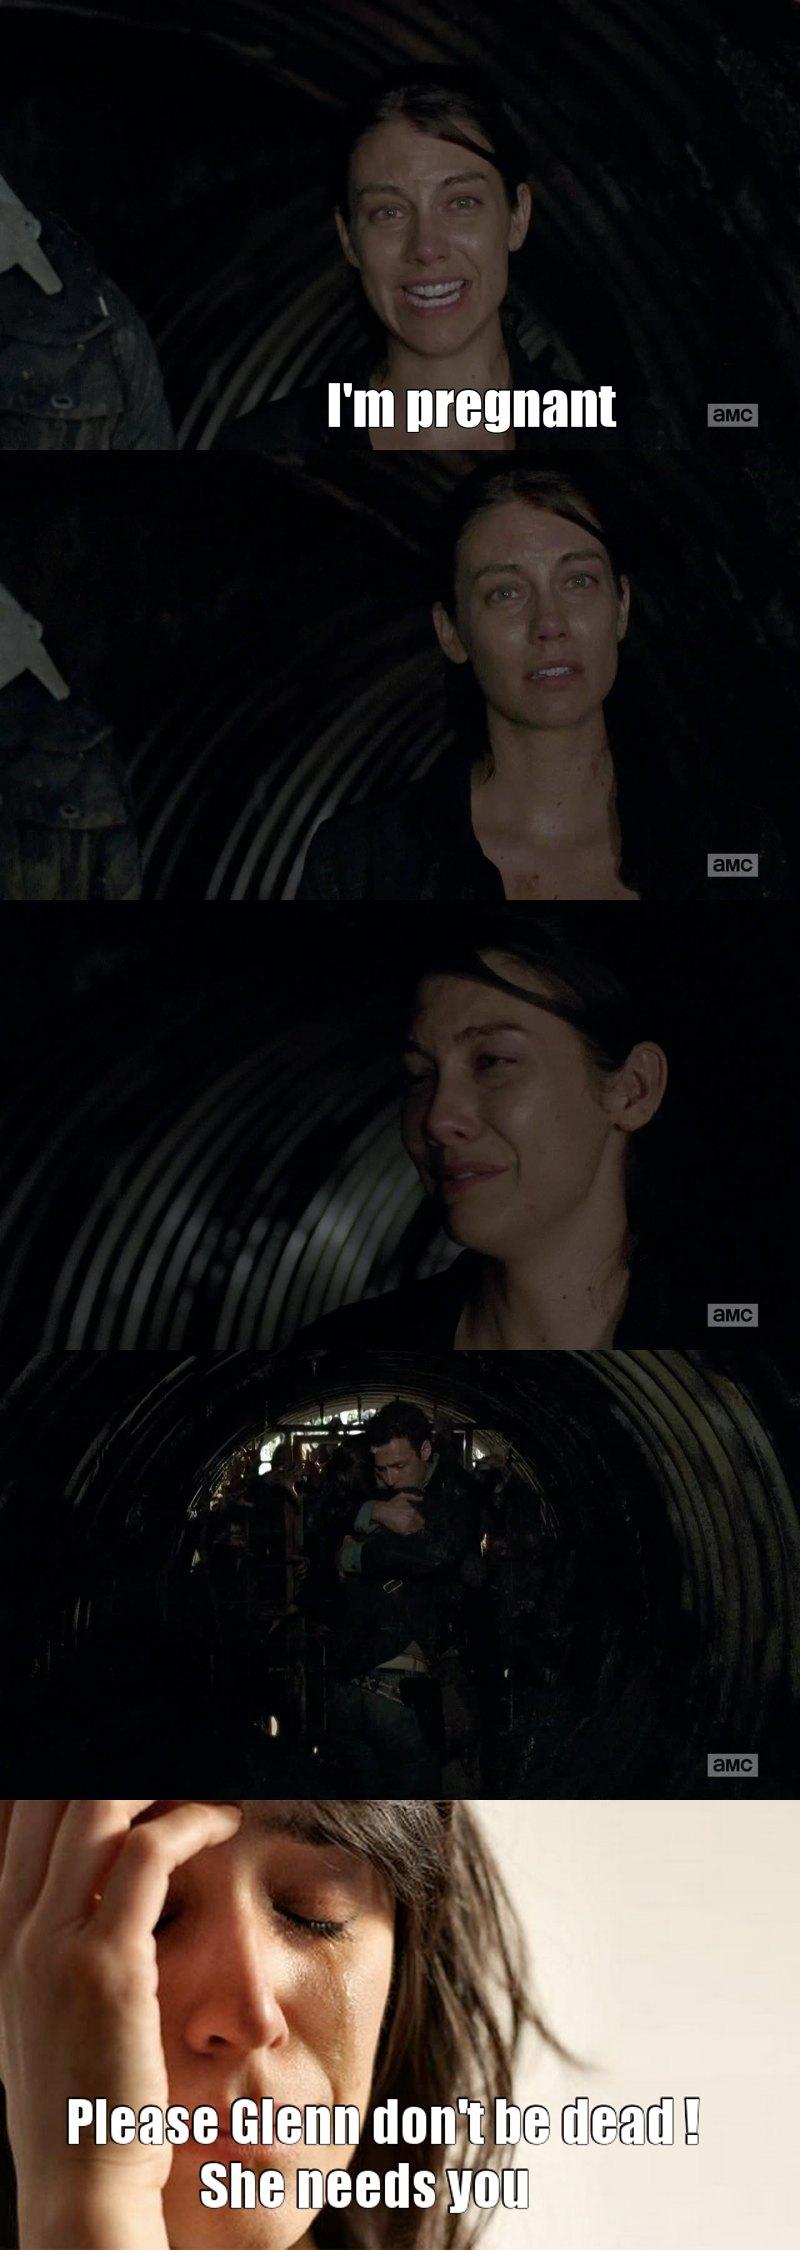 This scene broke my heart 😢